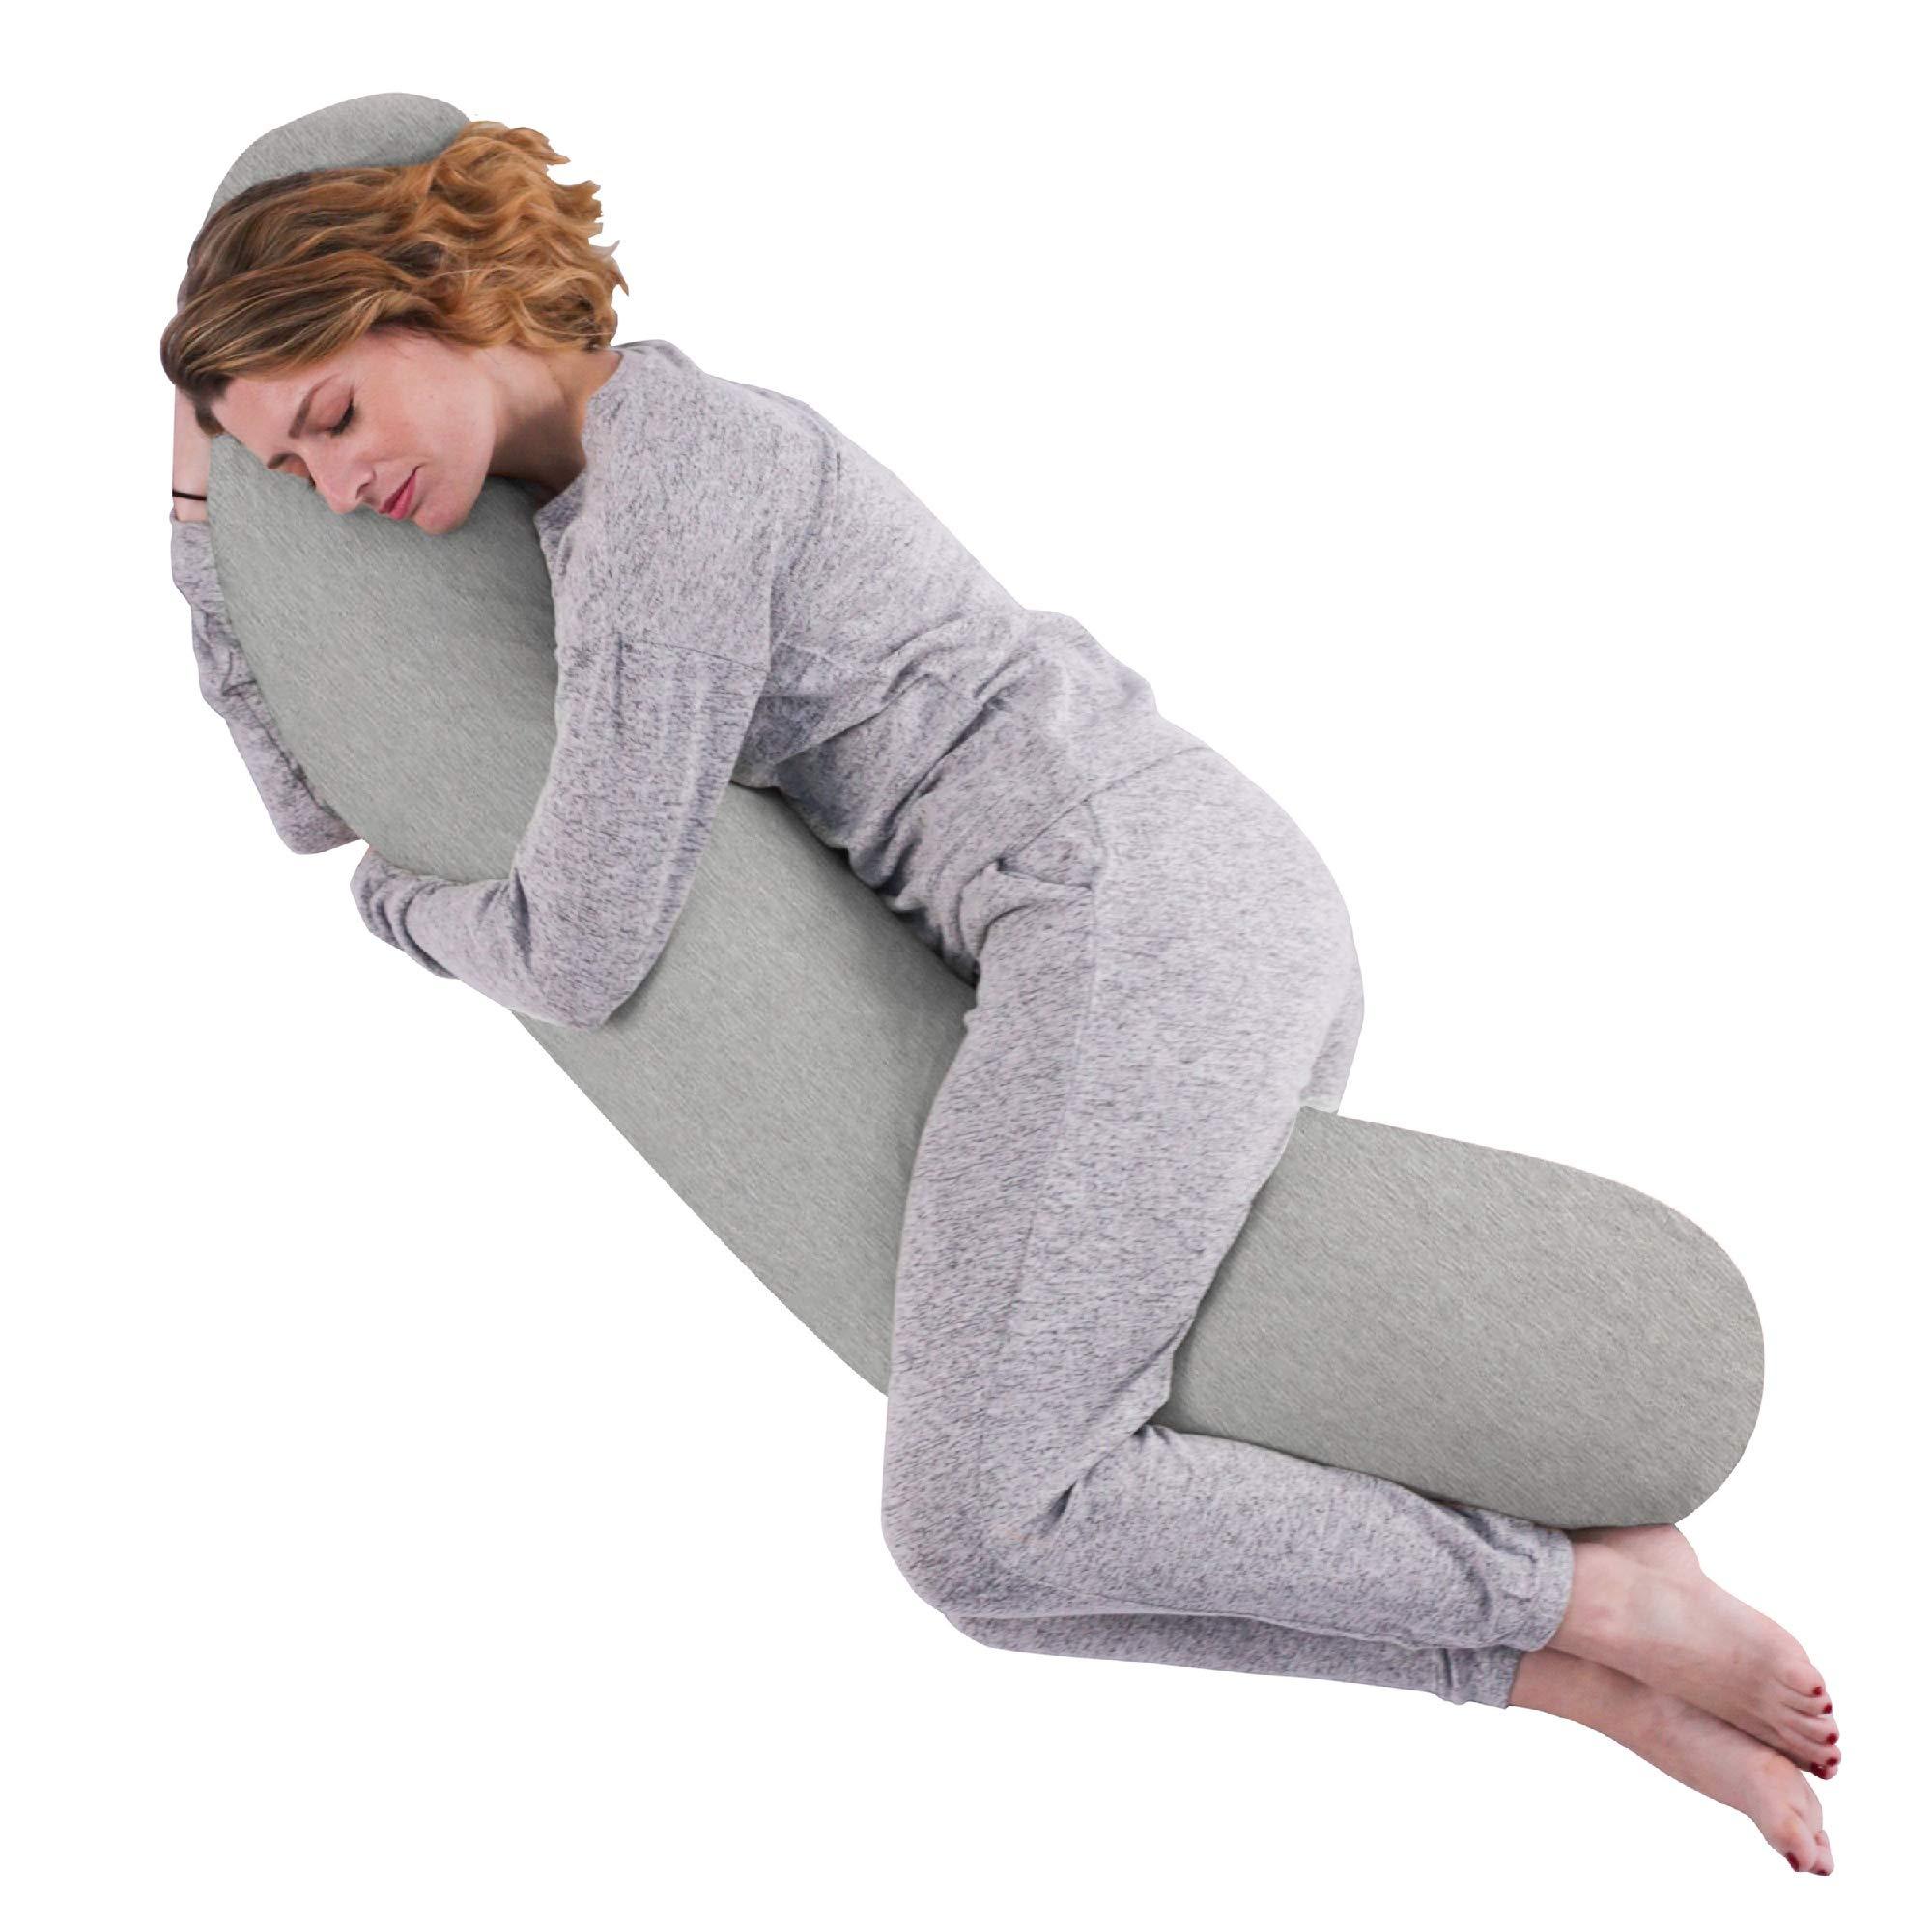 Kallysleep Full Body Sleep Pillow